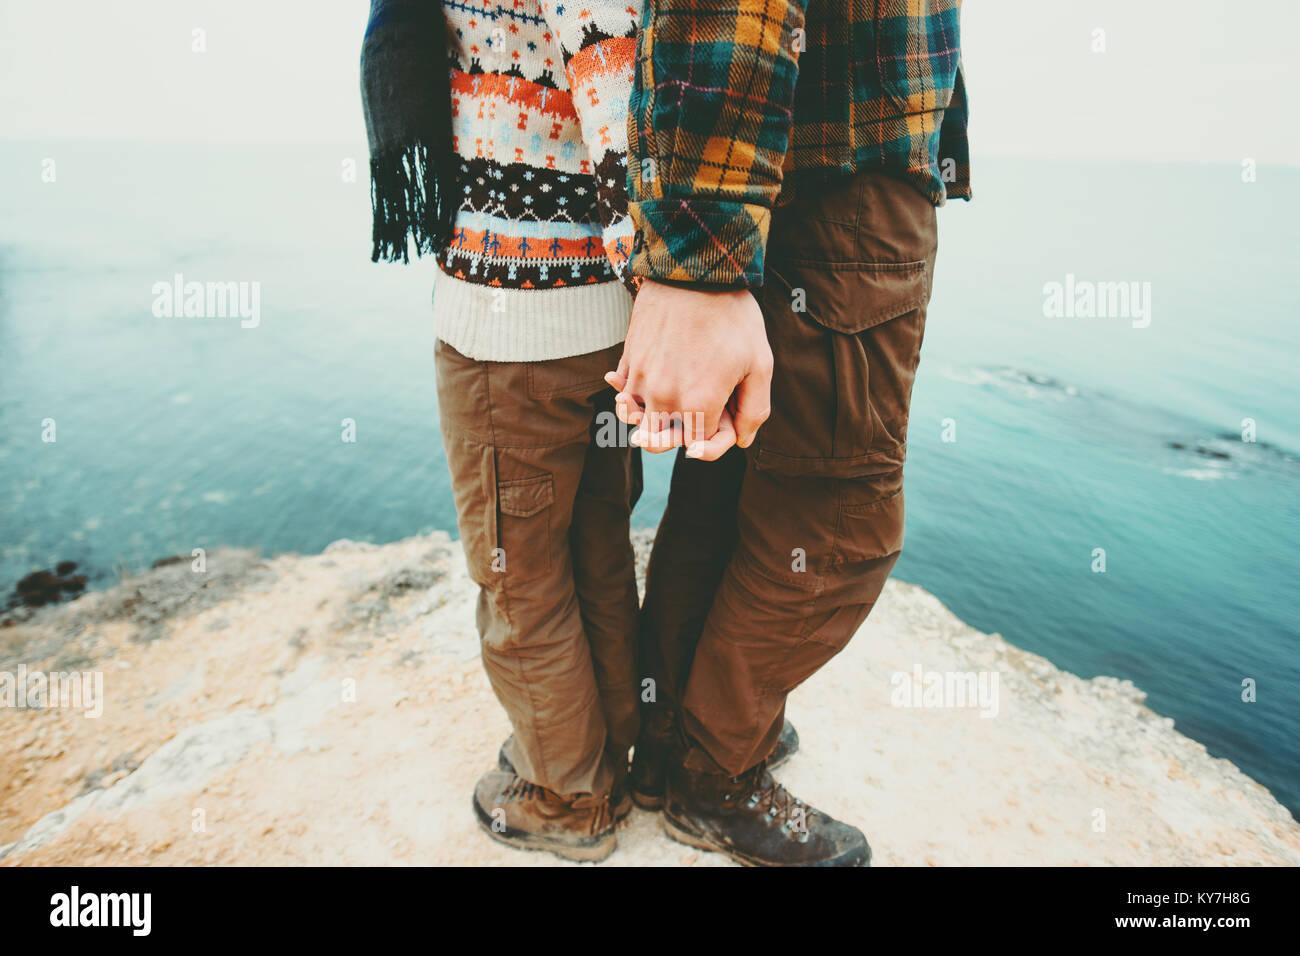 Paar Mann und Frau halten sich an den Händen stehend auf einer Klippe über dem Meer Landschaft Liebe und Reisen Stockfoto